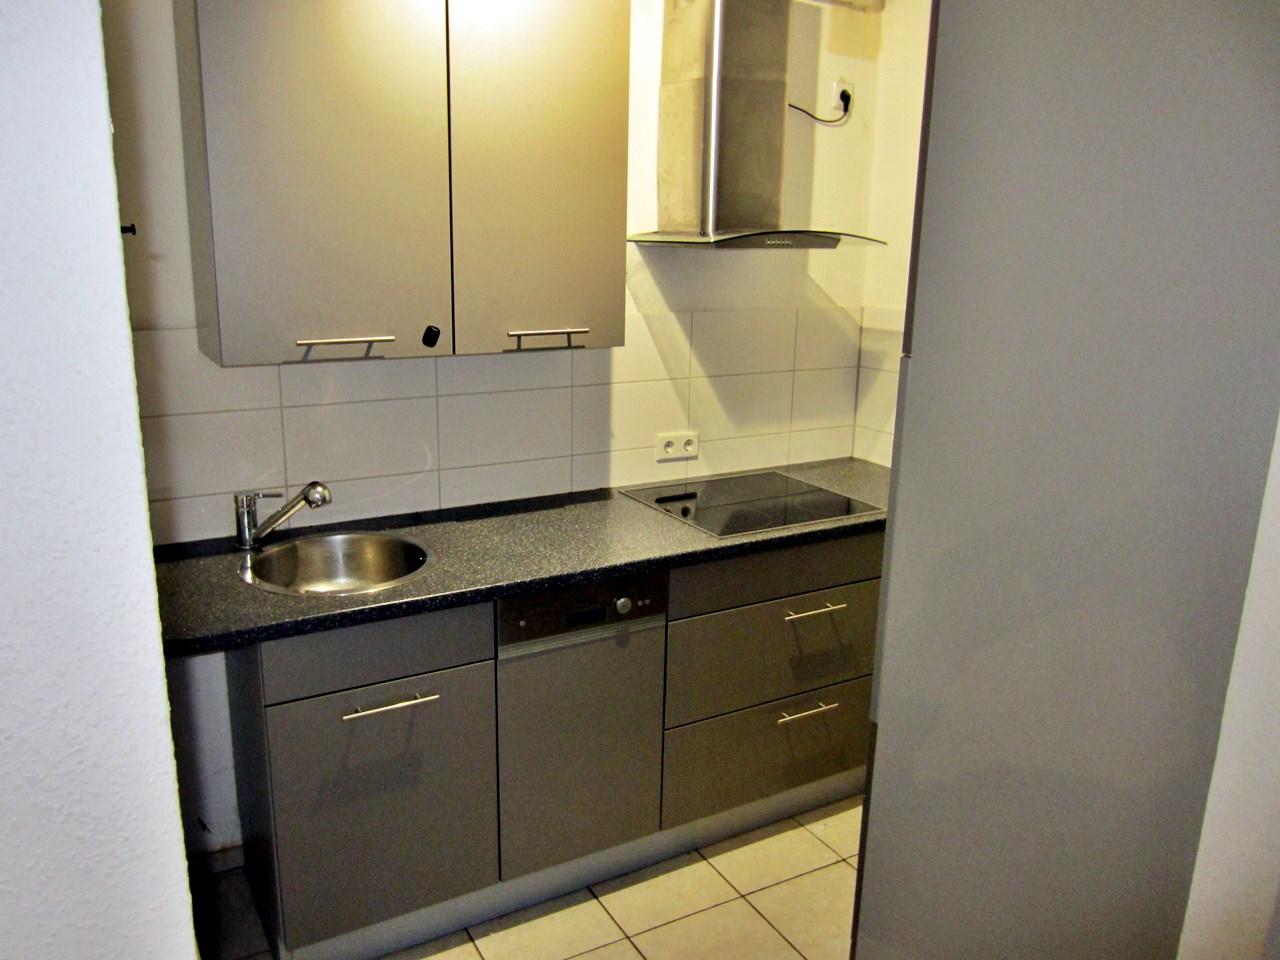 Jetzt 20% Jubiläums-Rabatt auf Küchen sichern! | Trödel Oase ...